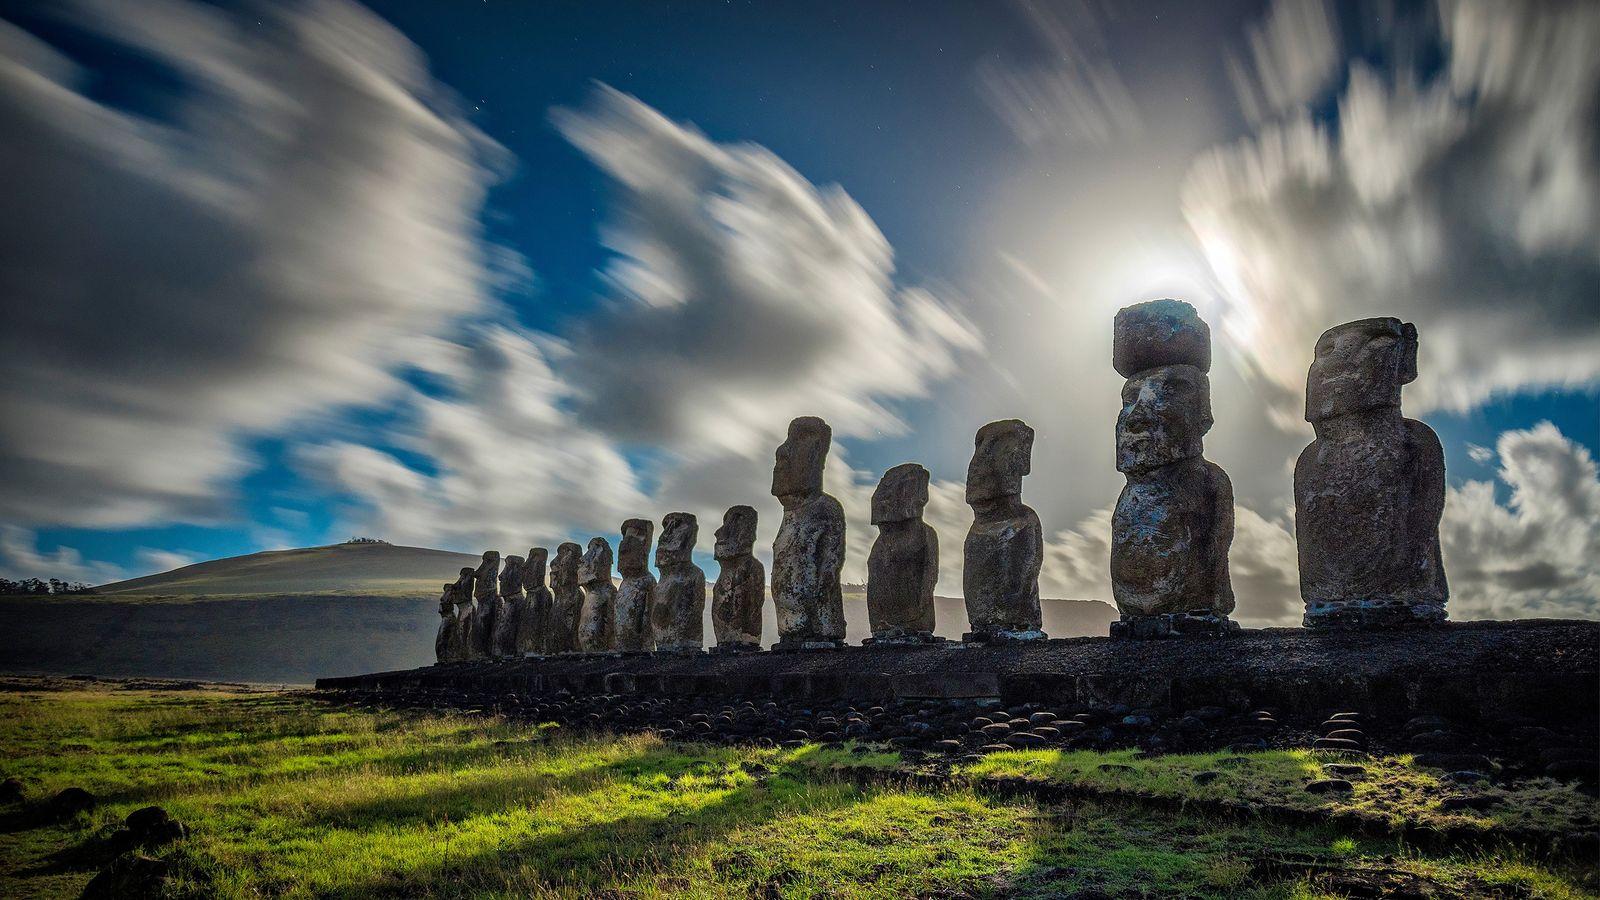 Wolken ziehen über die monumentalen Statuen der Osterinsel.